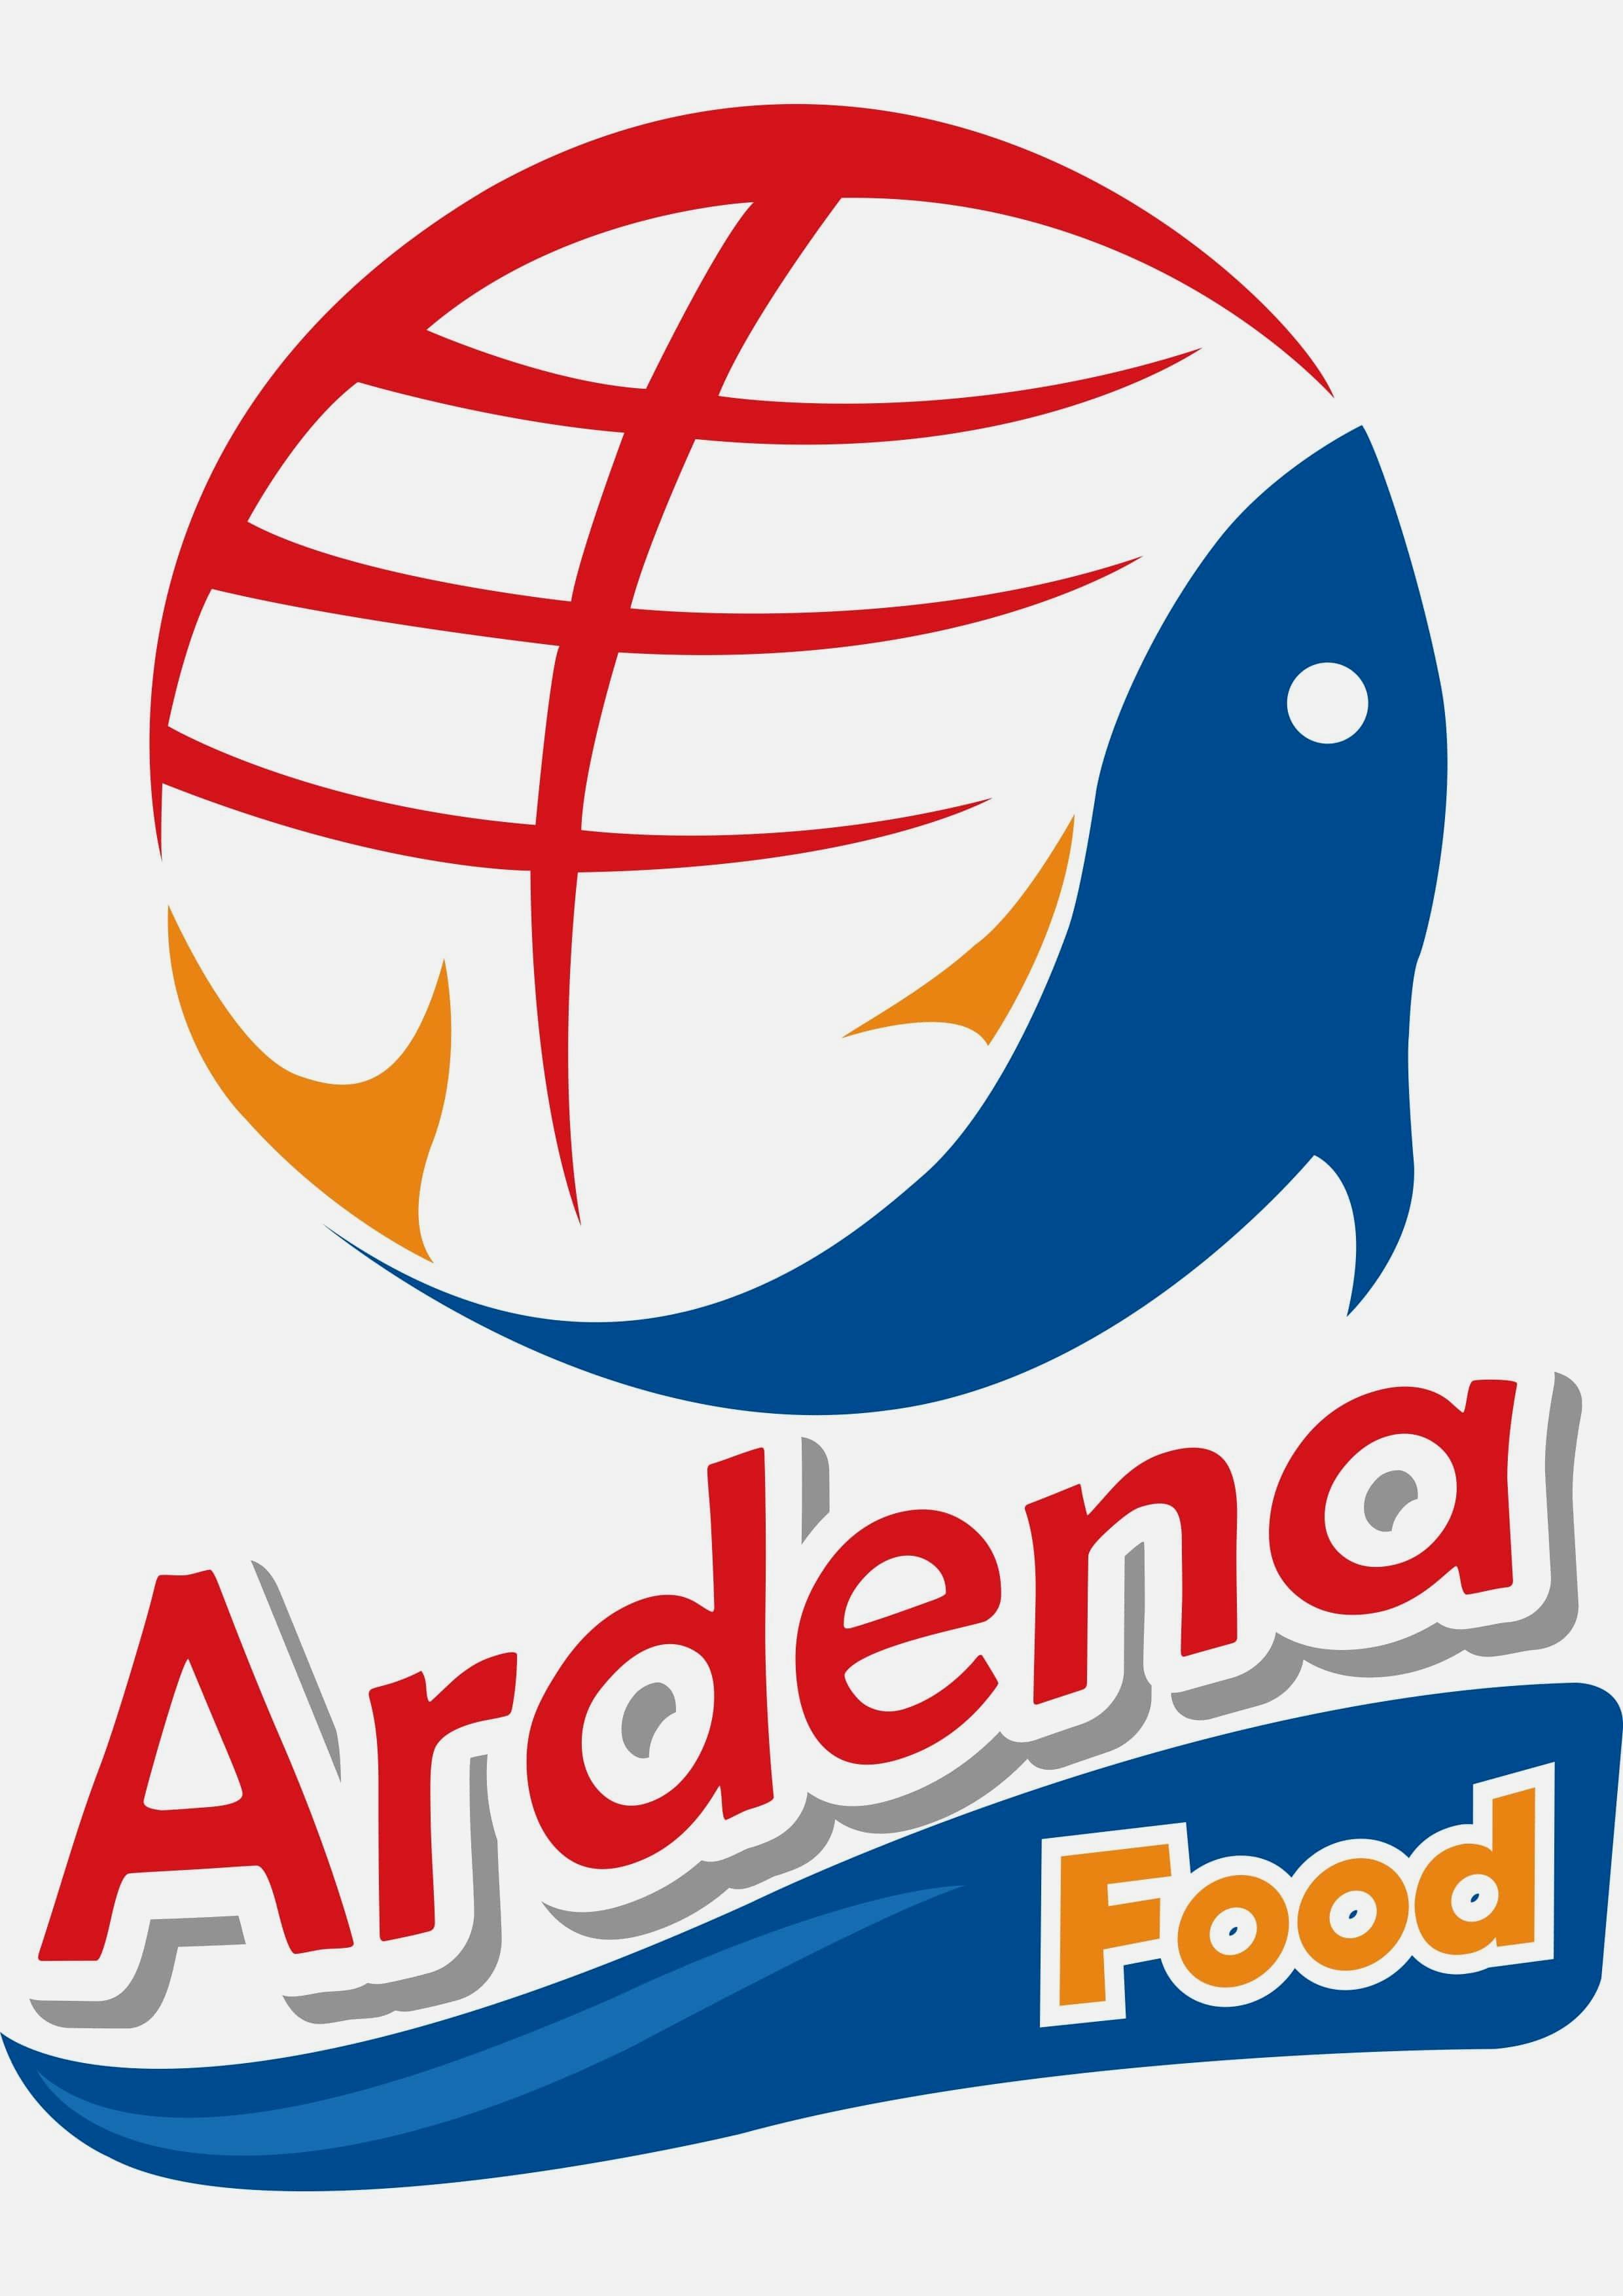 Ardenafood